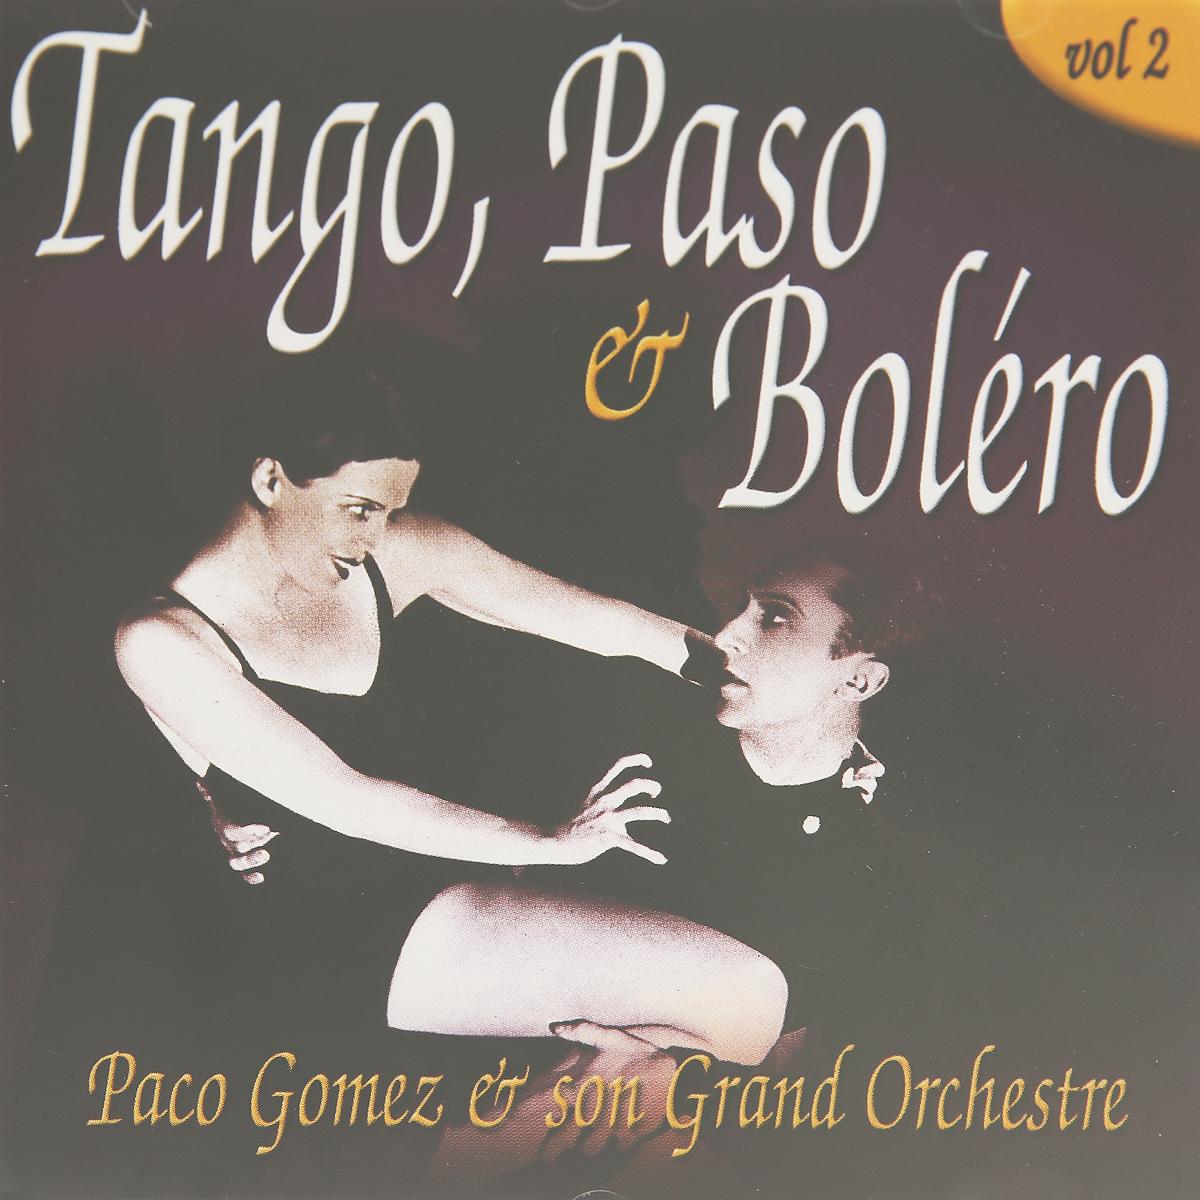 GOMEZ, PACO. TANGO, PASO & BOLERO 2 tango зебра dct68 14 код2084